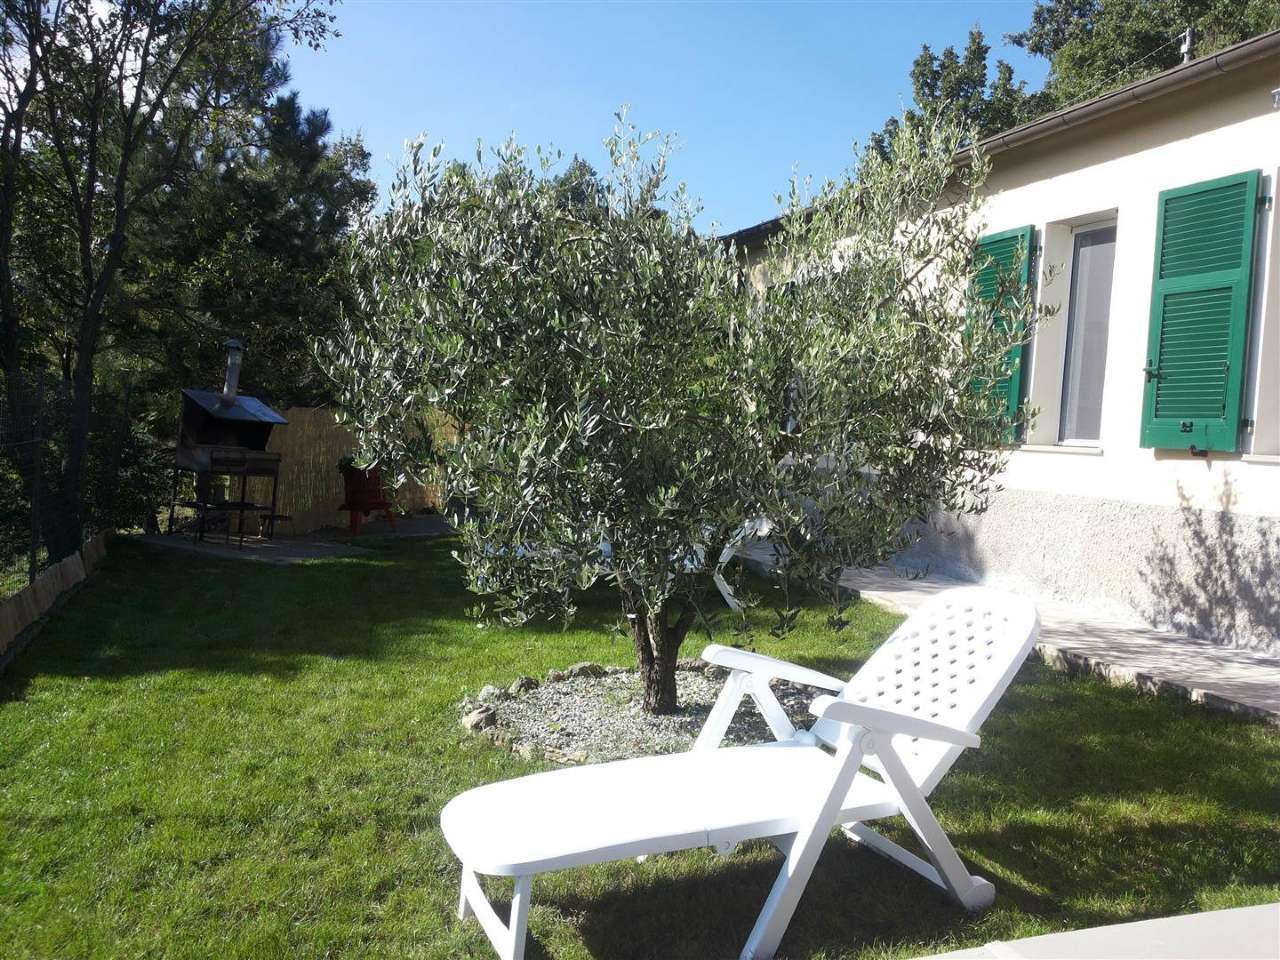 Villa in vendita a Maissana, 6 locali, prezzo € 268.000 | CambioCasa.it